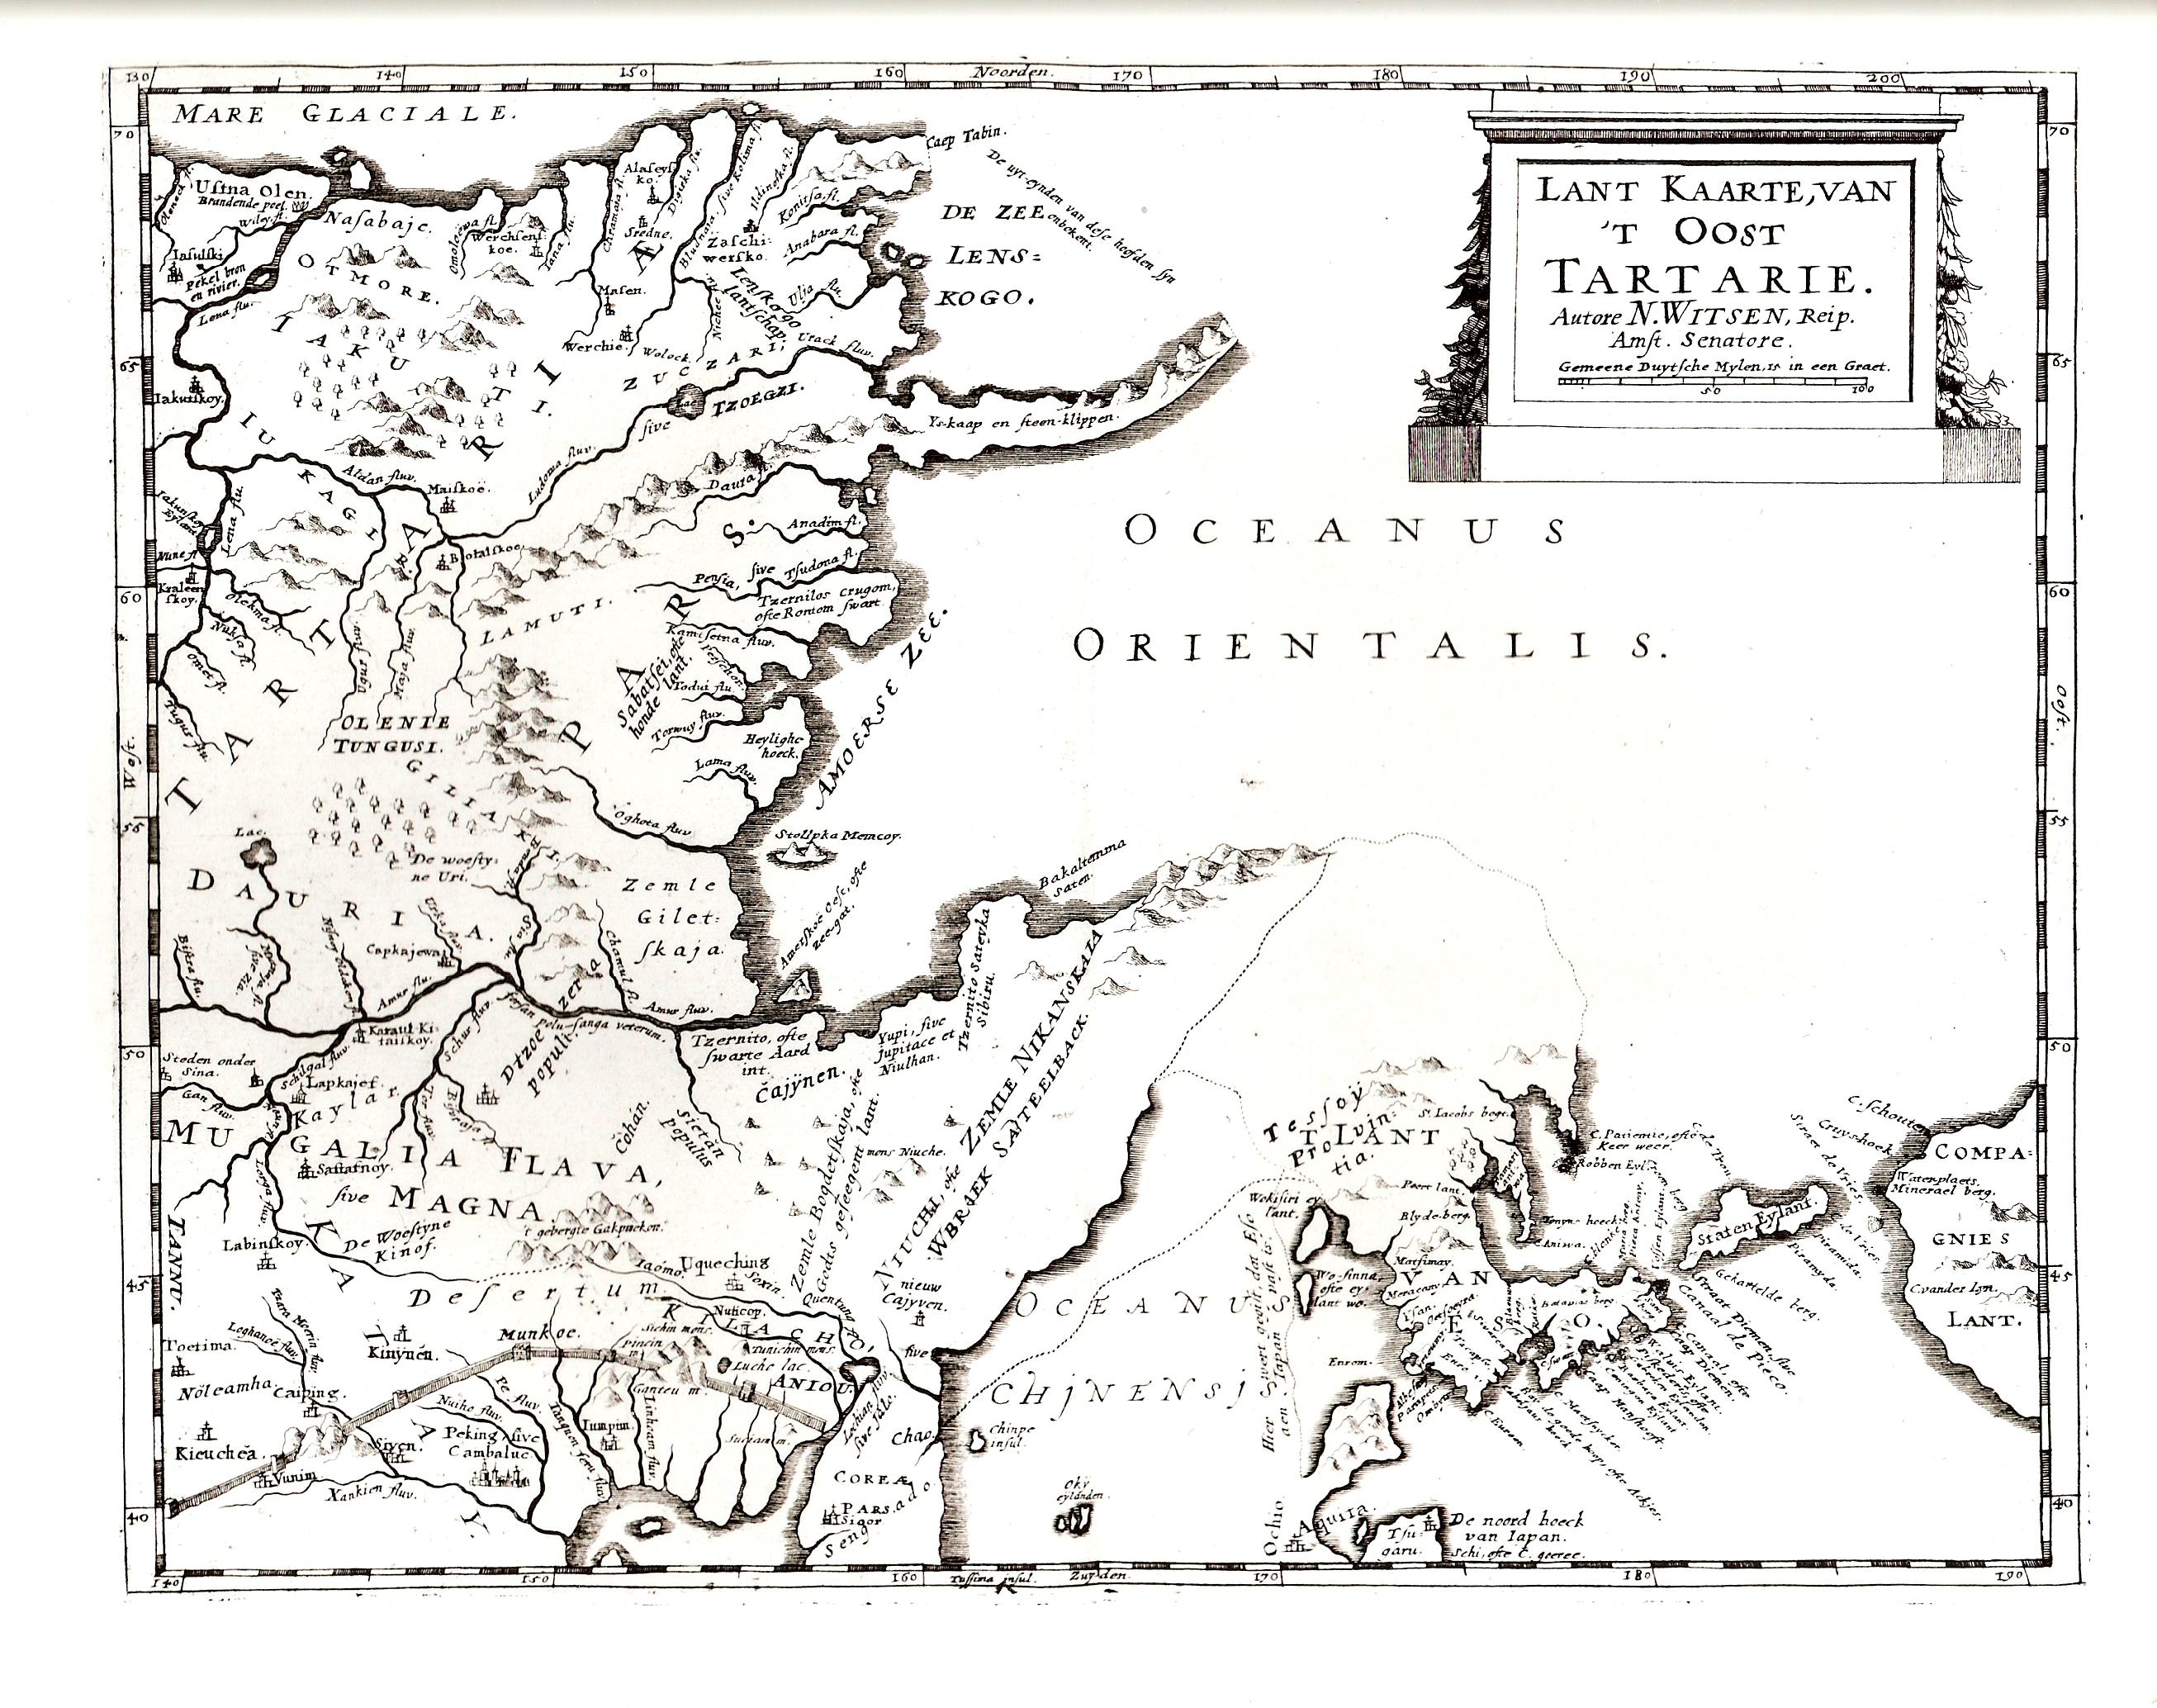 Карта Восточной Тартарии, составленная Н. Витсеном, членом Городского Совета города Амстердама